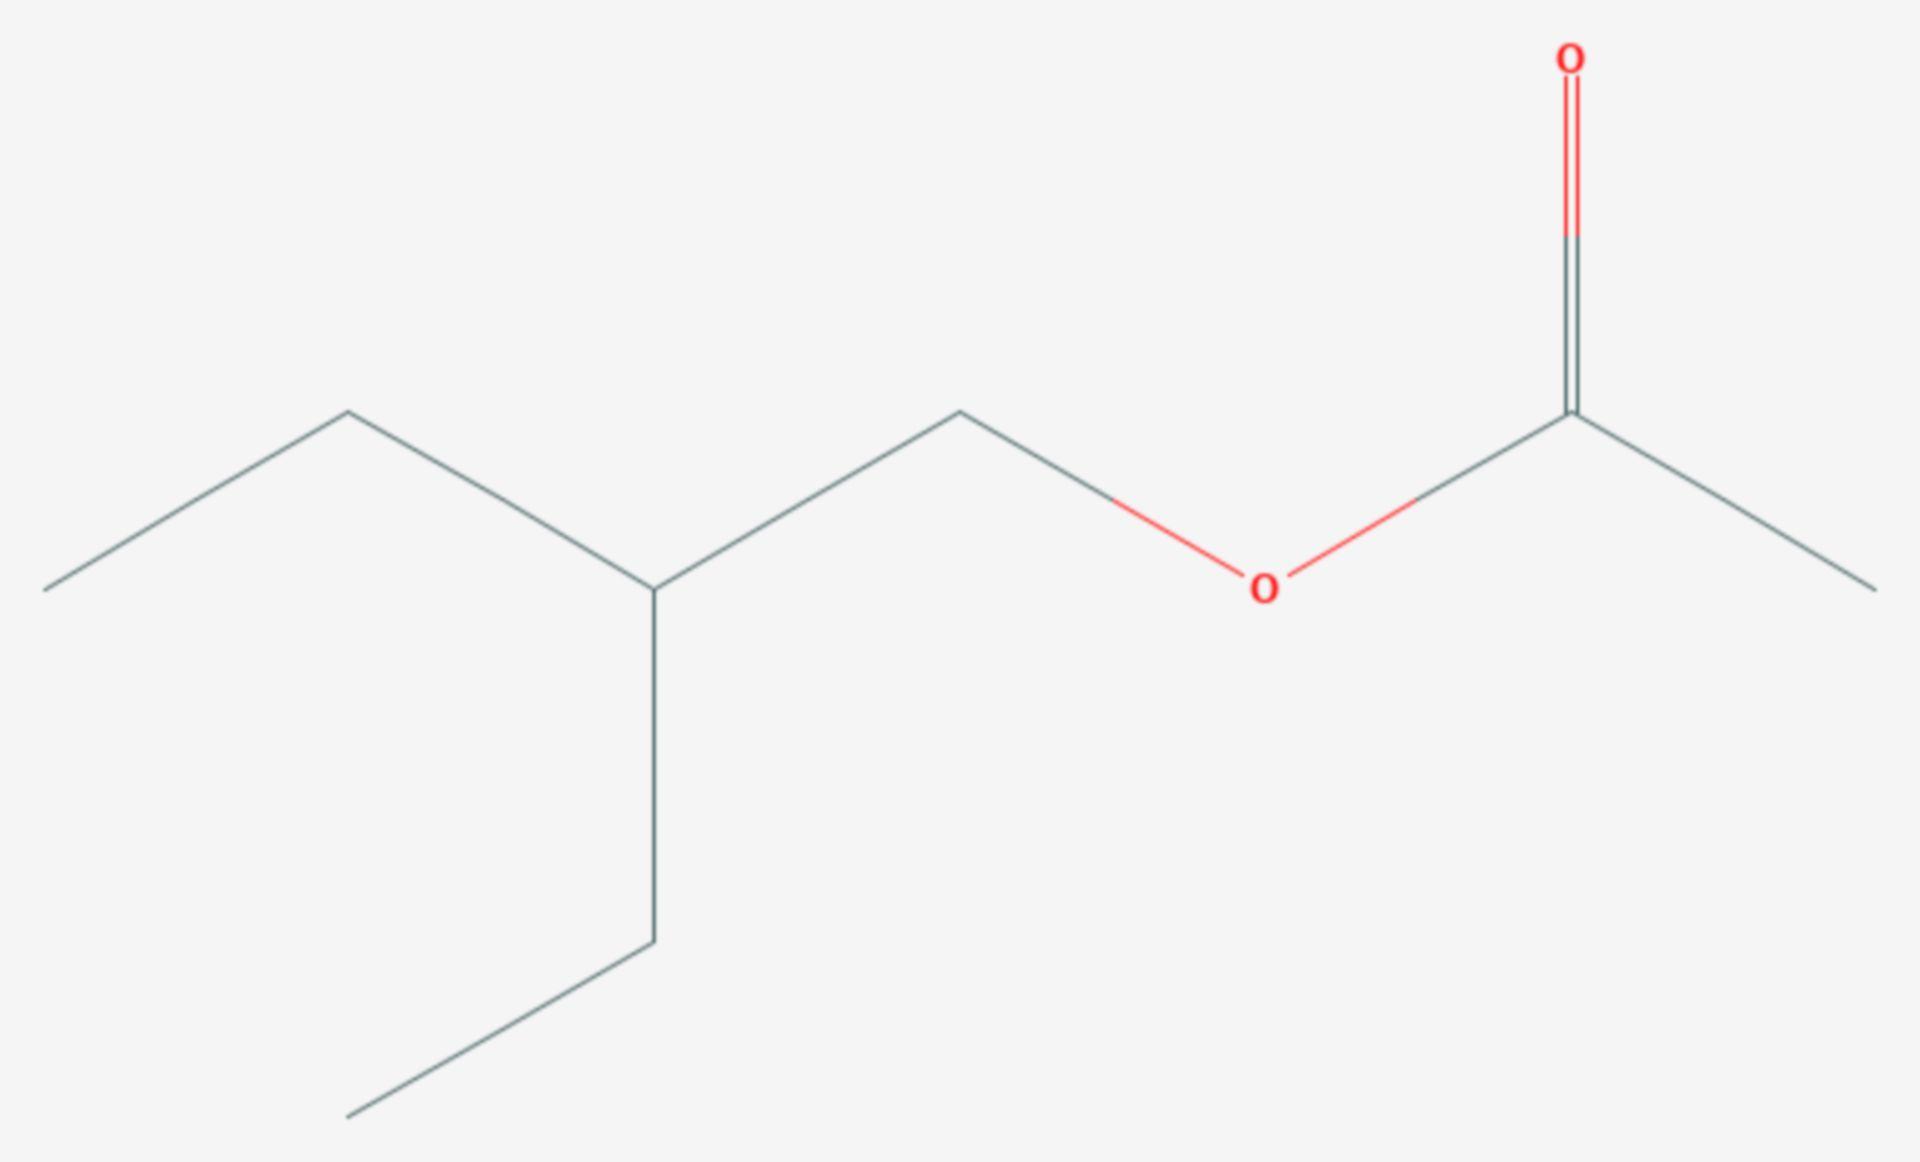 Essigsäure-2-ethylbutylester (Strukturformel)